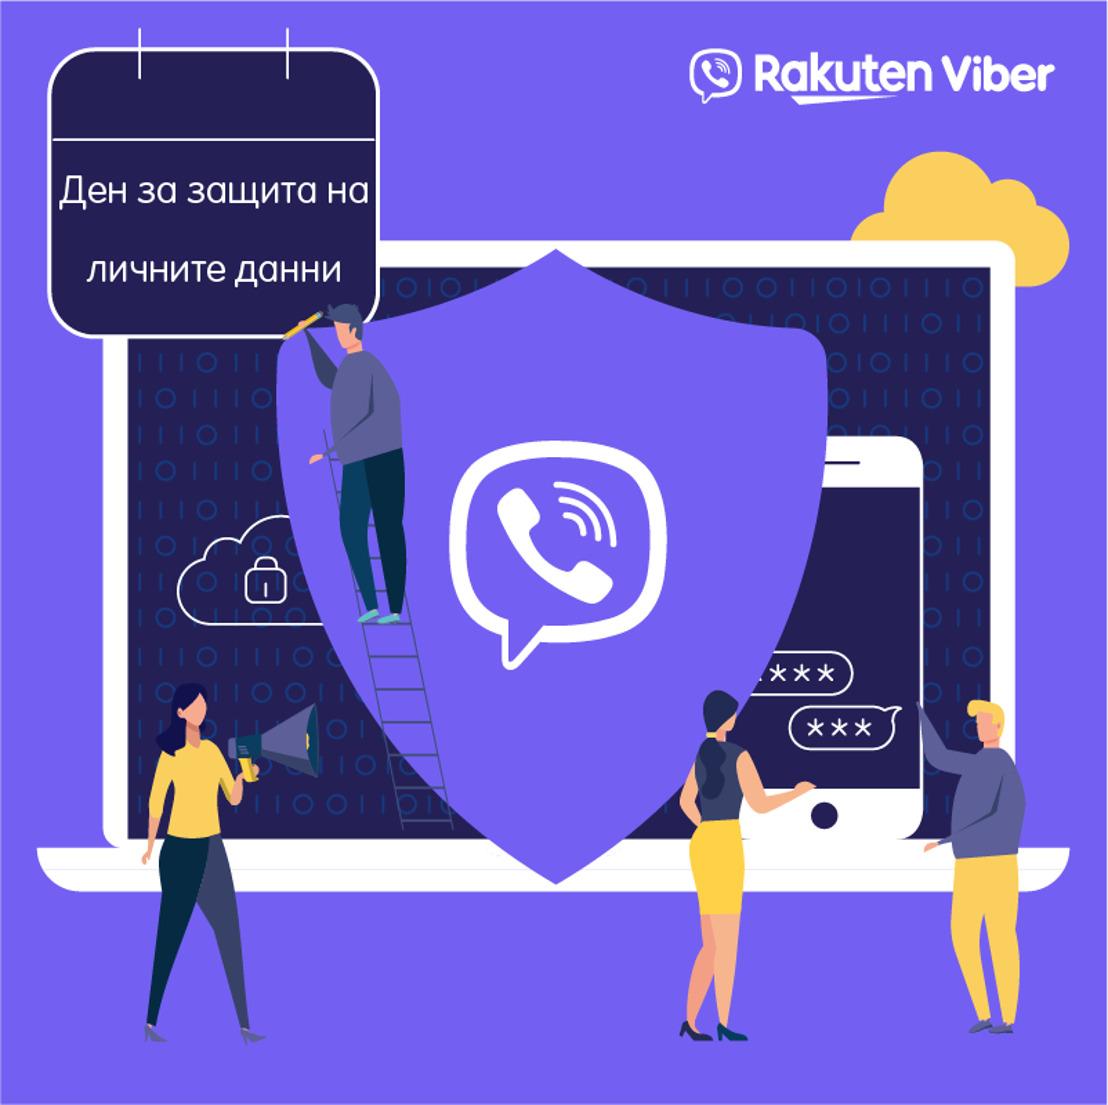 Онлайн анкета във Viber: За 81% от потребителите в България дигиталната сигурност е най-важна